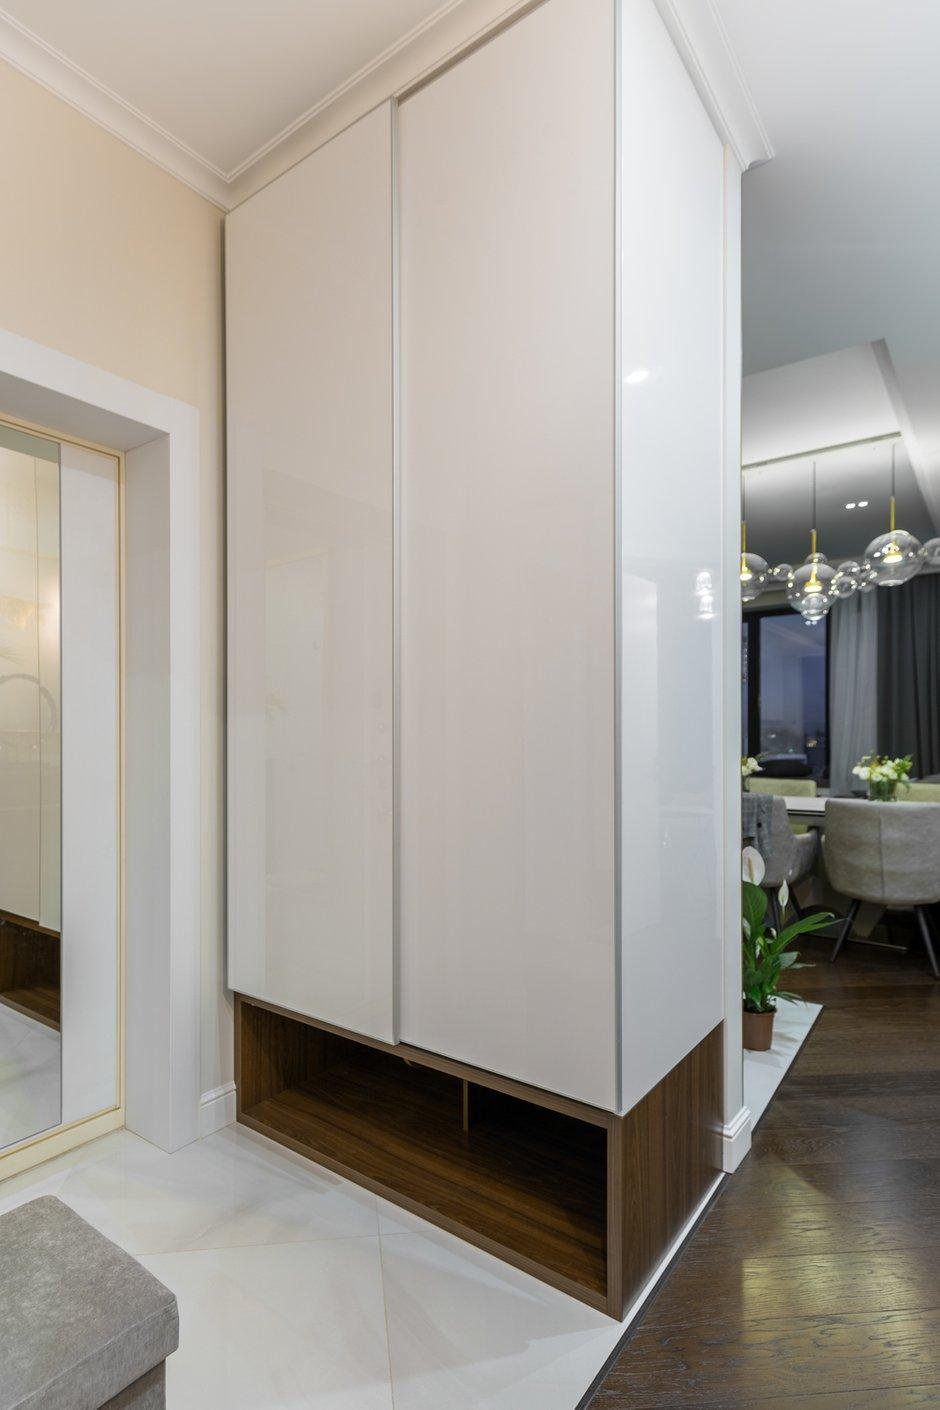 Фотография: Прихожая в стиле Современный, Квартира, Проект недели, Москва, 3 комнаты, 60-90 метров, Анастасия Бондарева – фото на INMYROOM